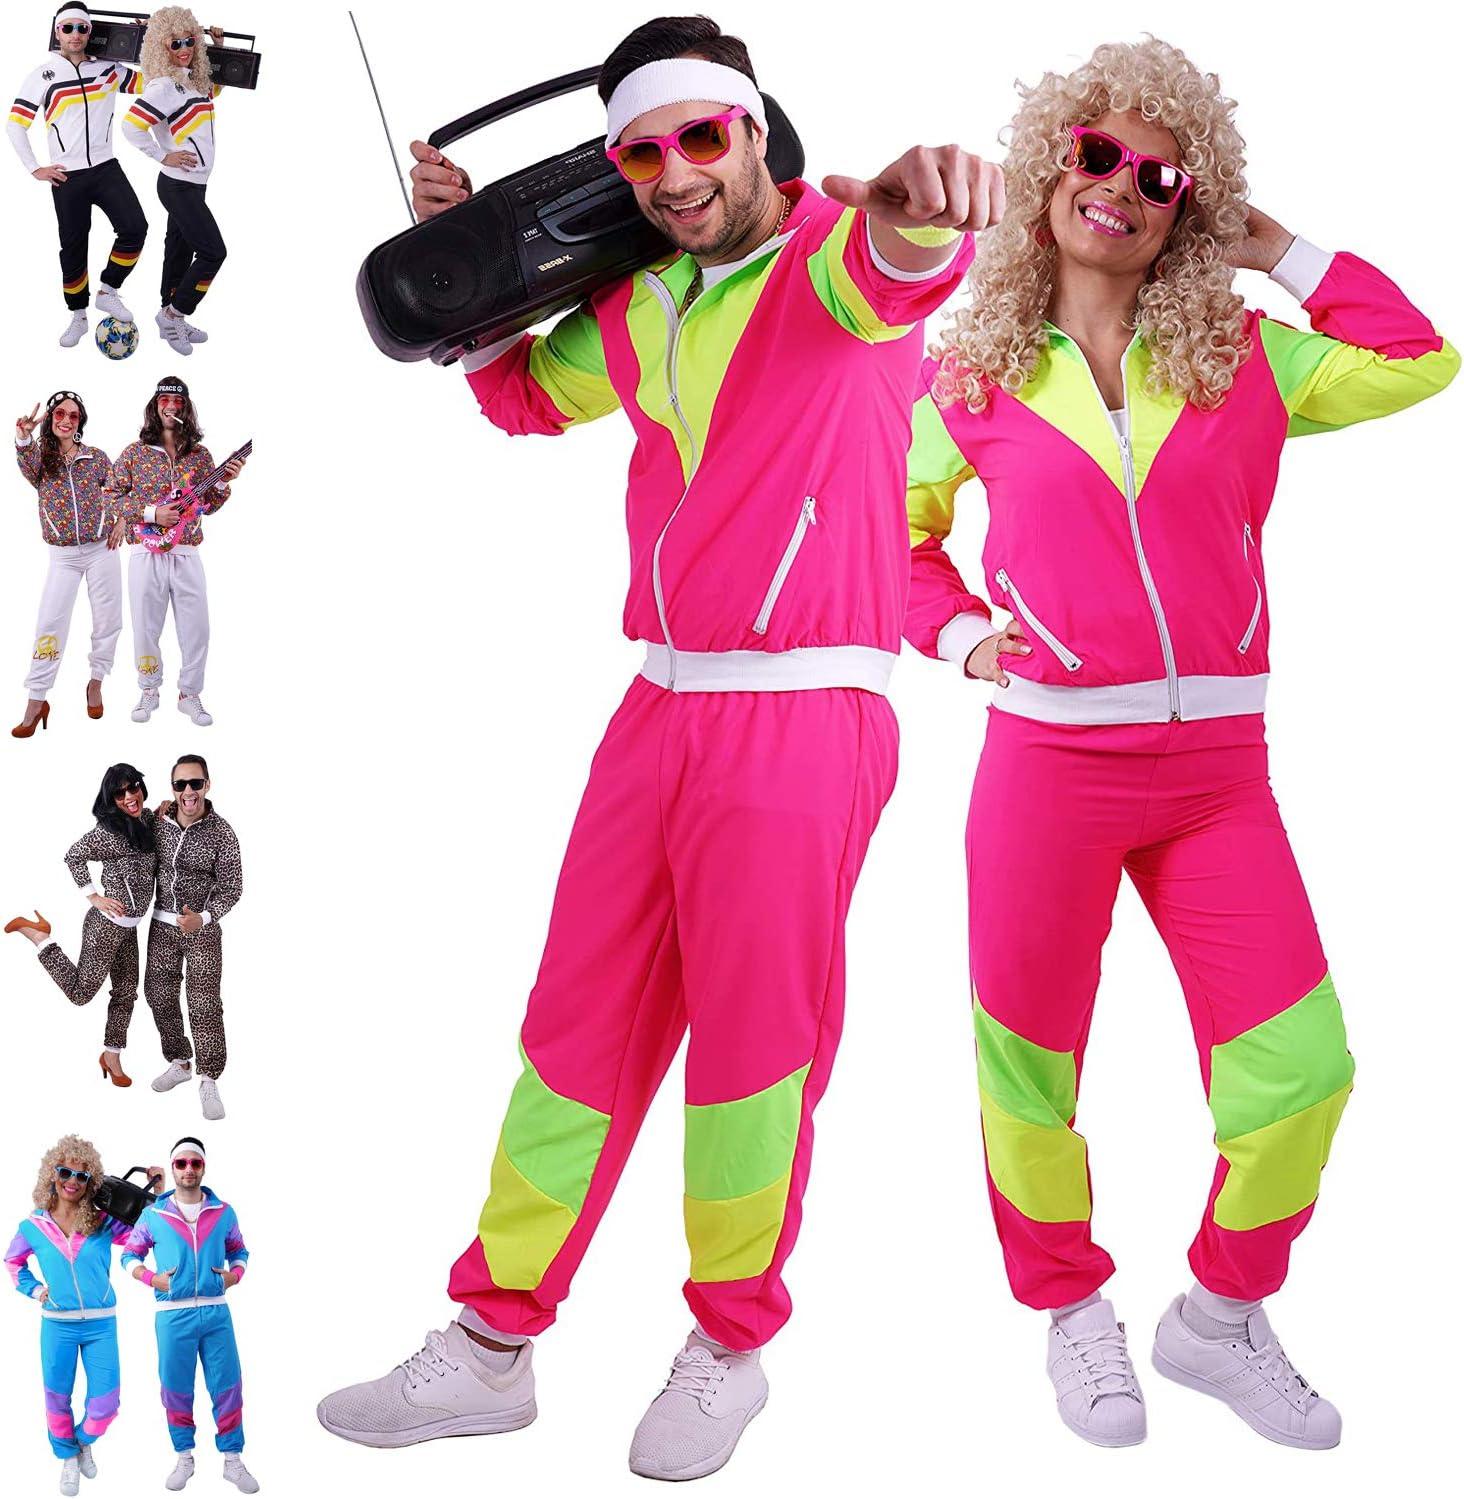 Retro Trainingsanzug f/ür Herren und Damen 90er Jahre Outfit // 80er Trainingsanzug Herren Gr/ö/ßen S 4XL FetteParty